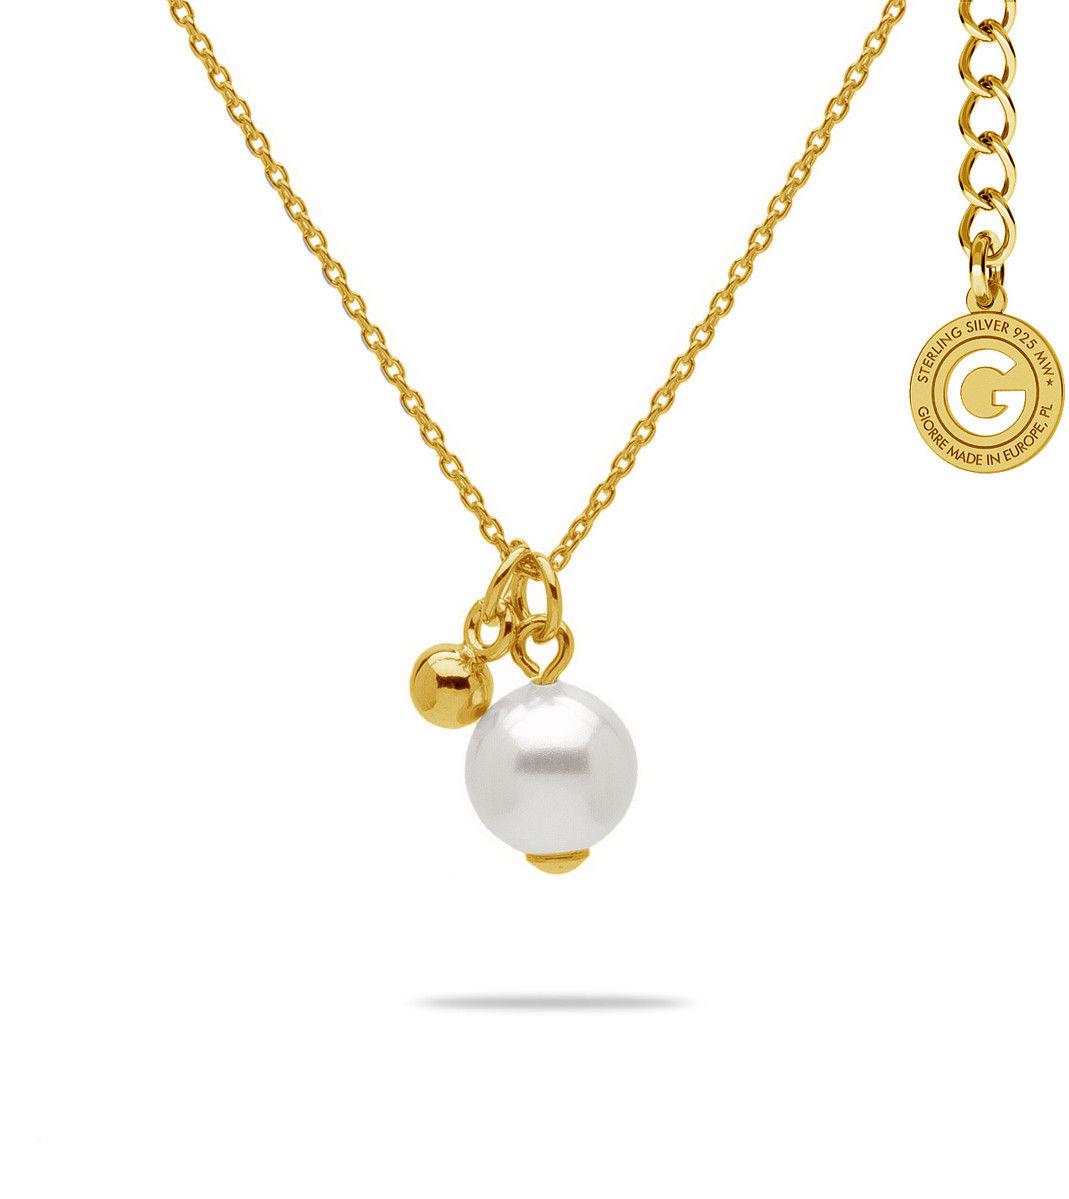 Naszyjnik z perłą Swarovski, srebro 925 : Perła - kolory - SWAROVSKI WHITE, Srebro - kolor pokrycia - Pokrycie żółtym 18K złotem